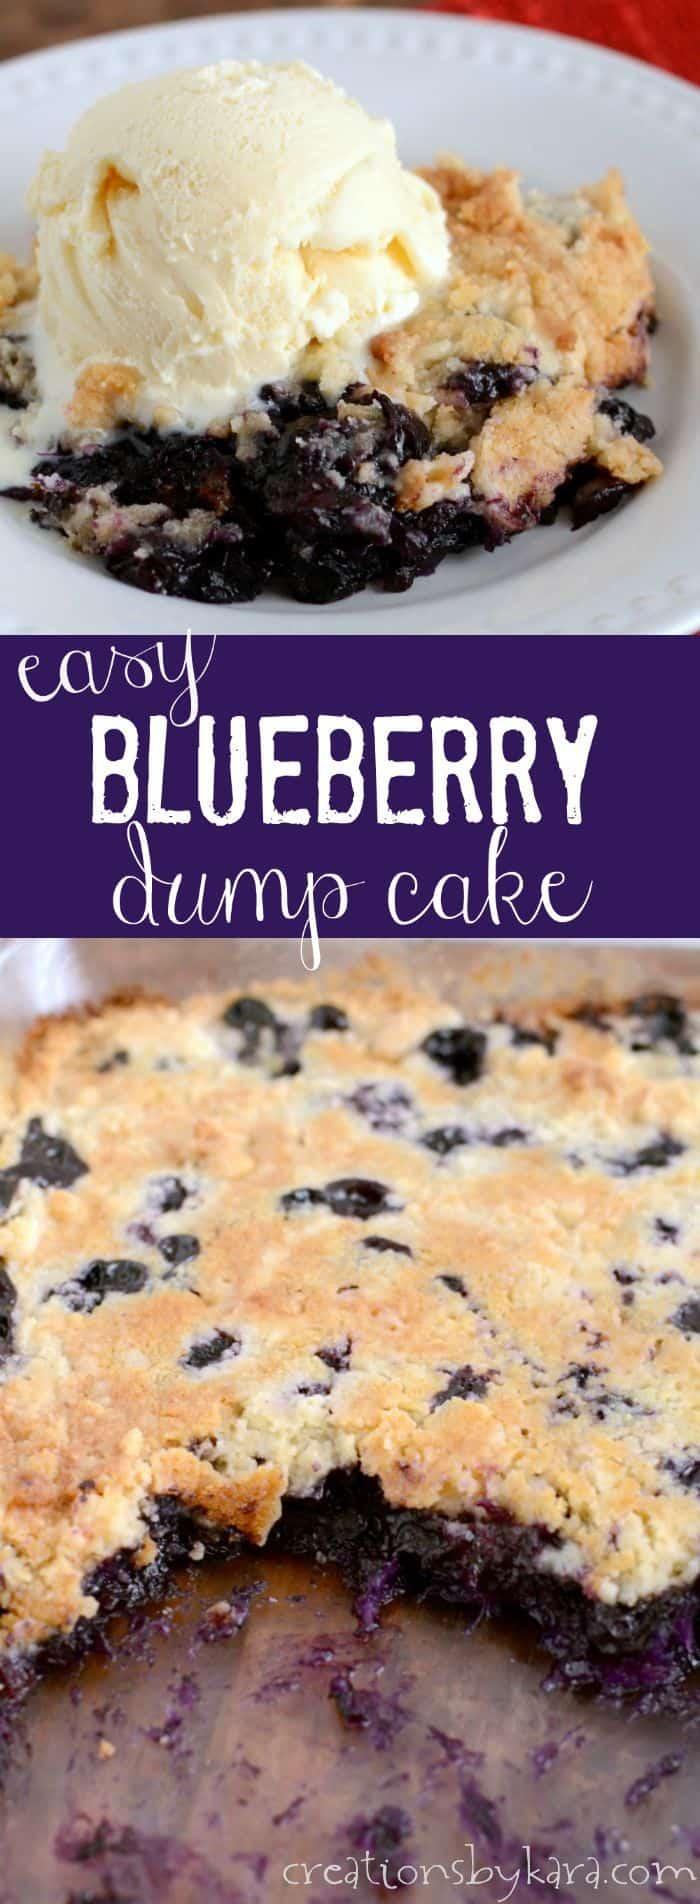 Easy Blueberry Cake Donut Recipe